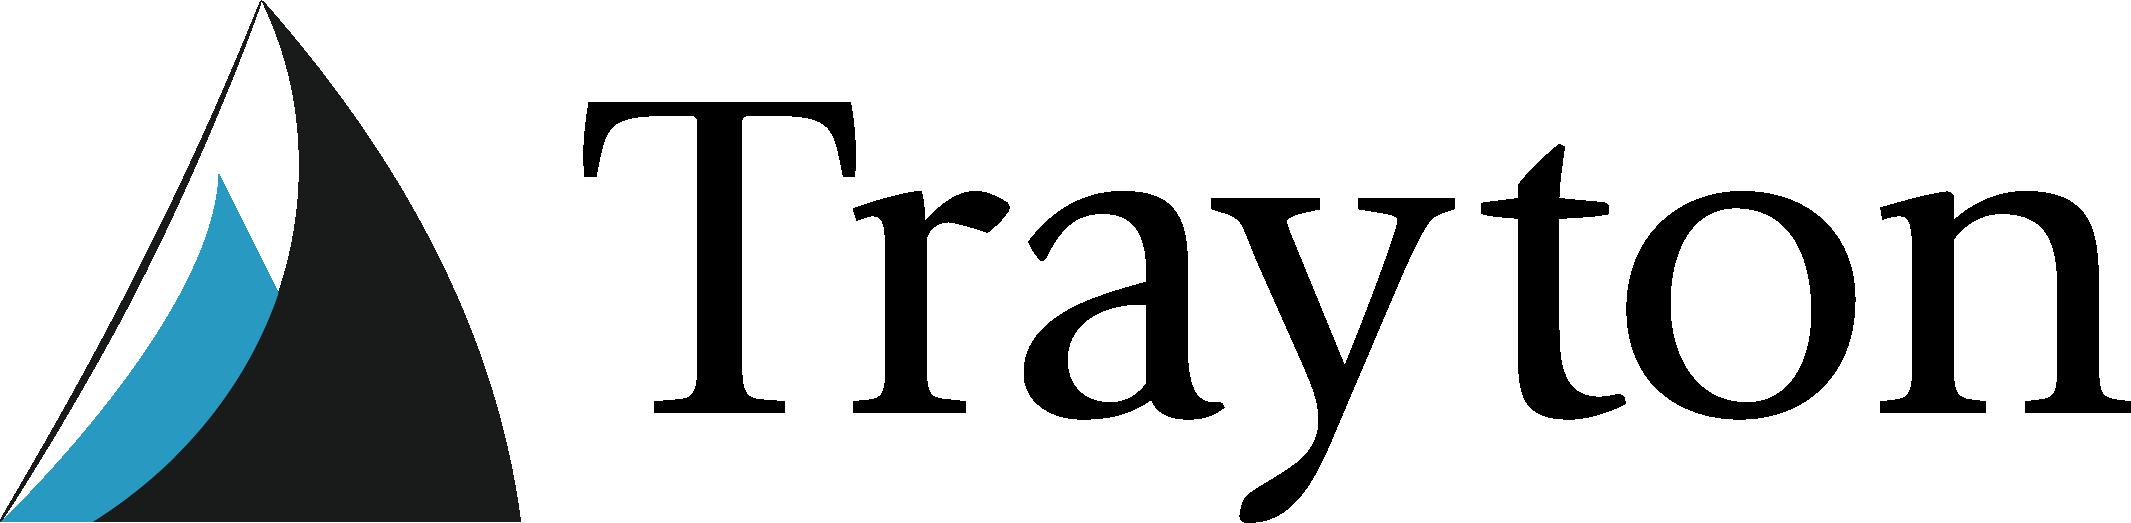 Trayton logo detail footer